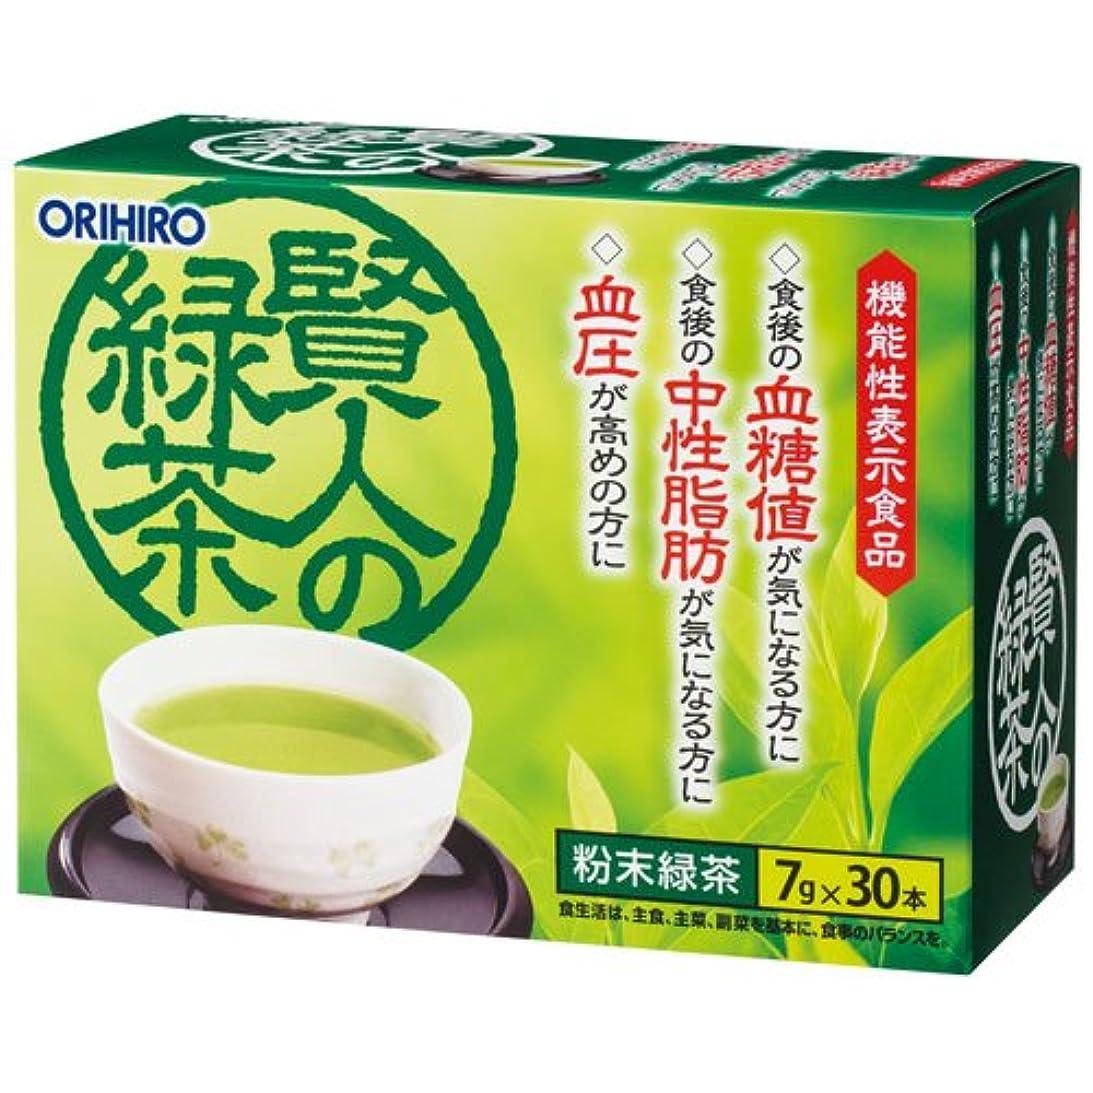 受け入れた履歴書寮オリヒロ 賢人の緑茶 7g×30包×6個セット